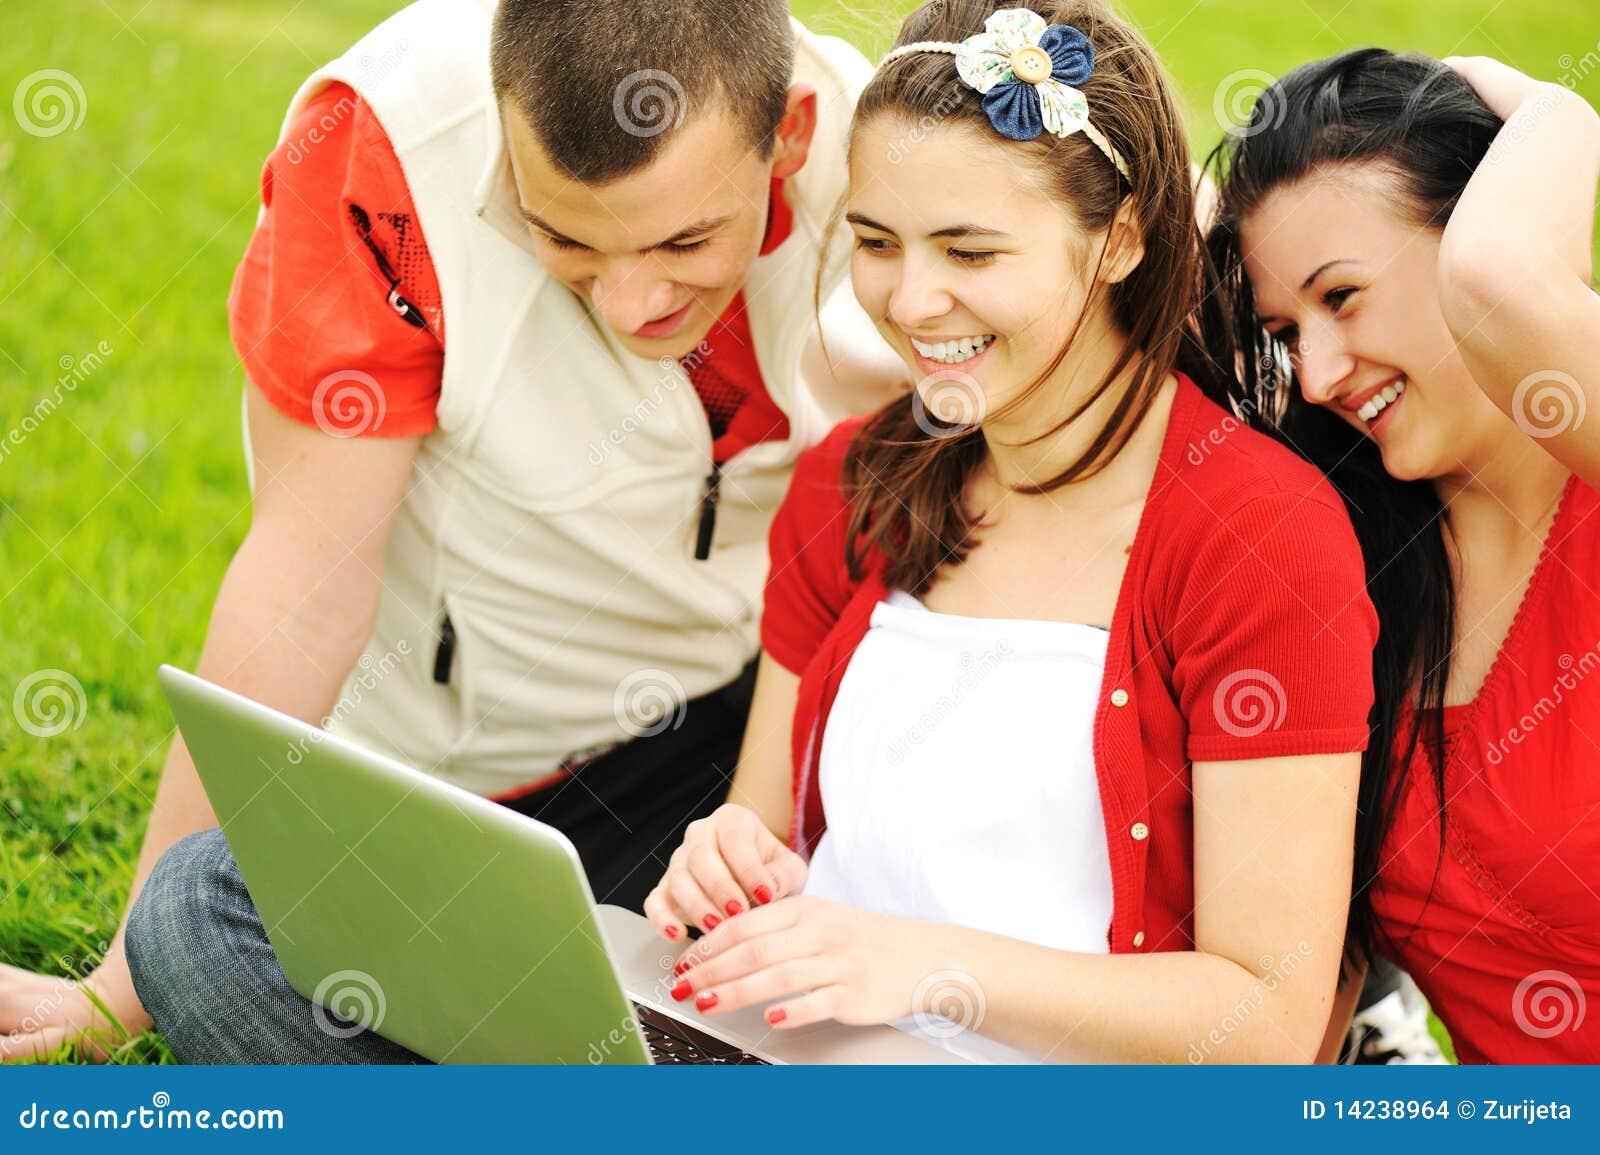 Imagenes de archivo: Adolescentes al aire libre, escena hermosa